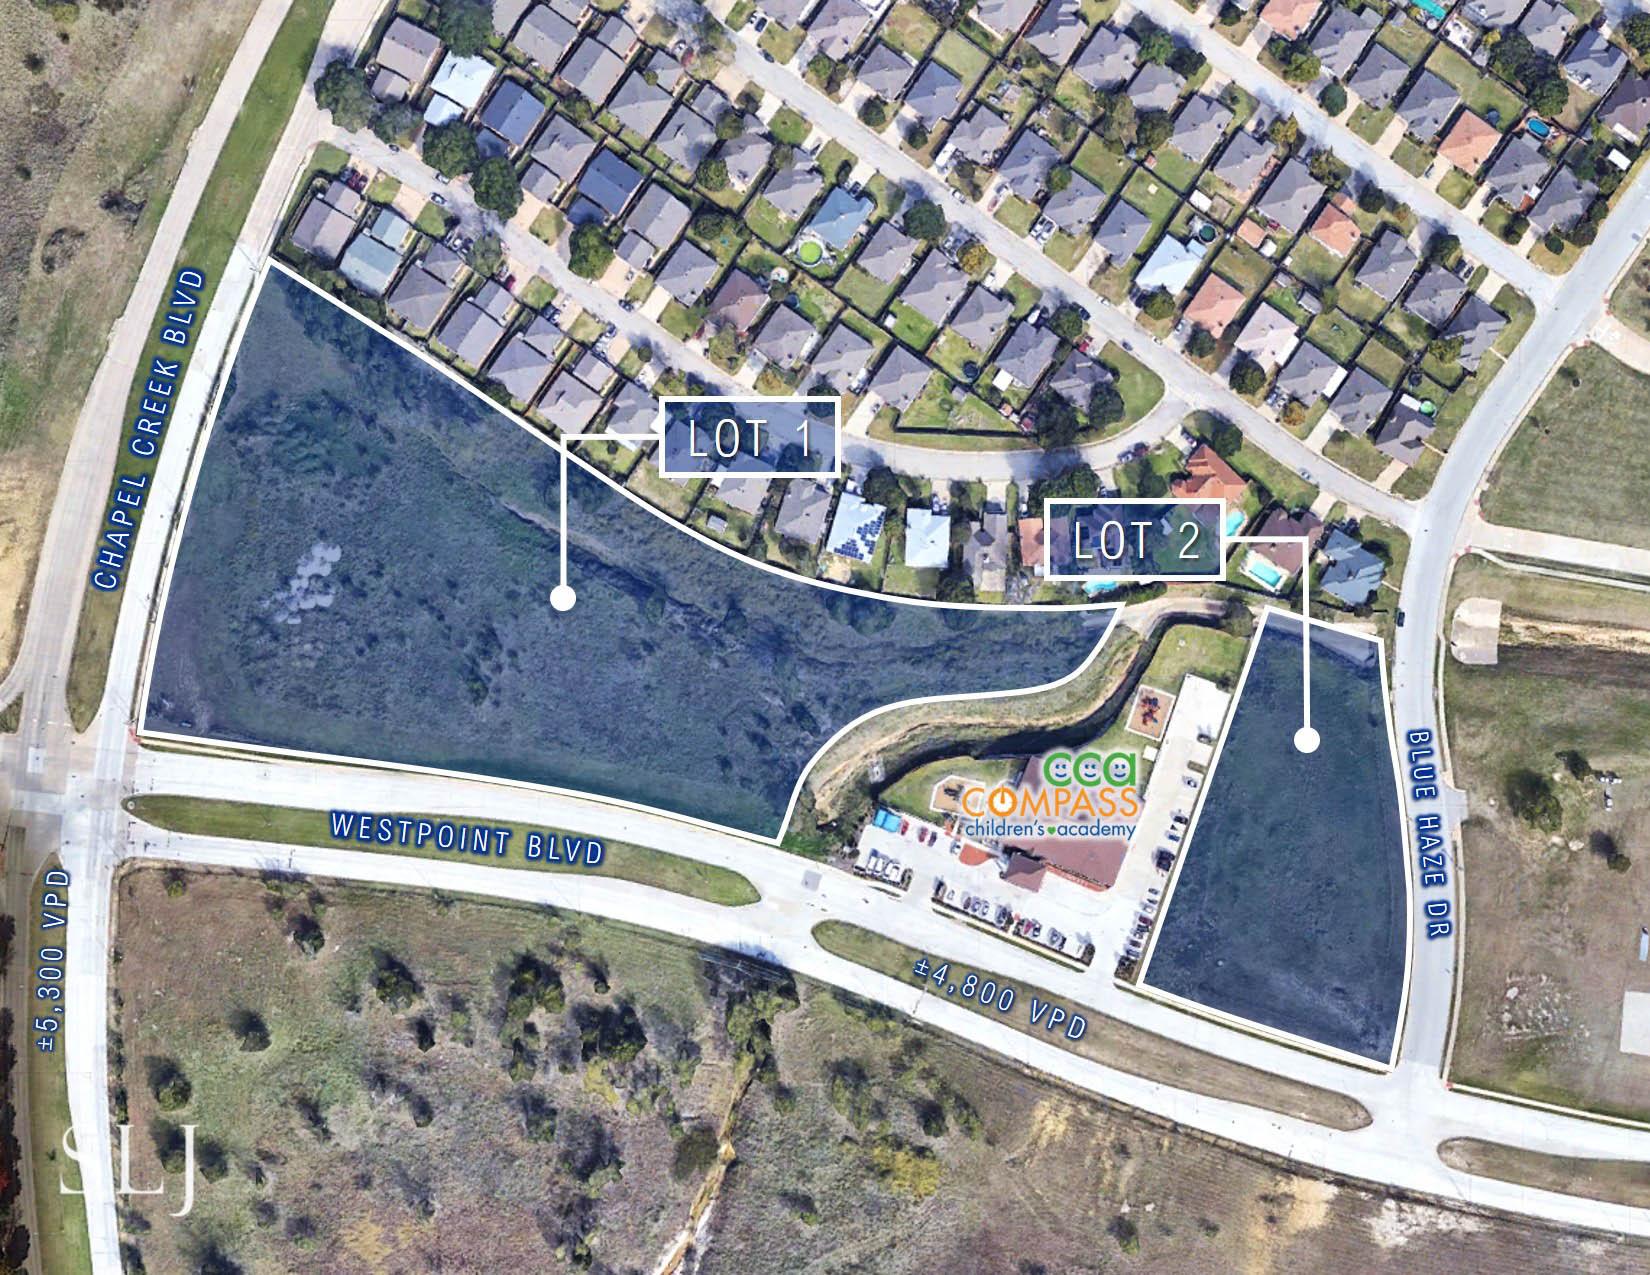 Chapel Creek Blvd & Westpoint Blvd